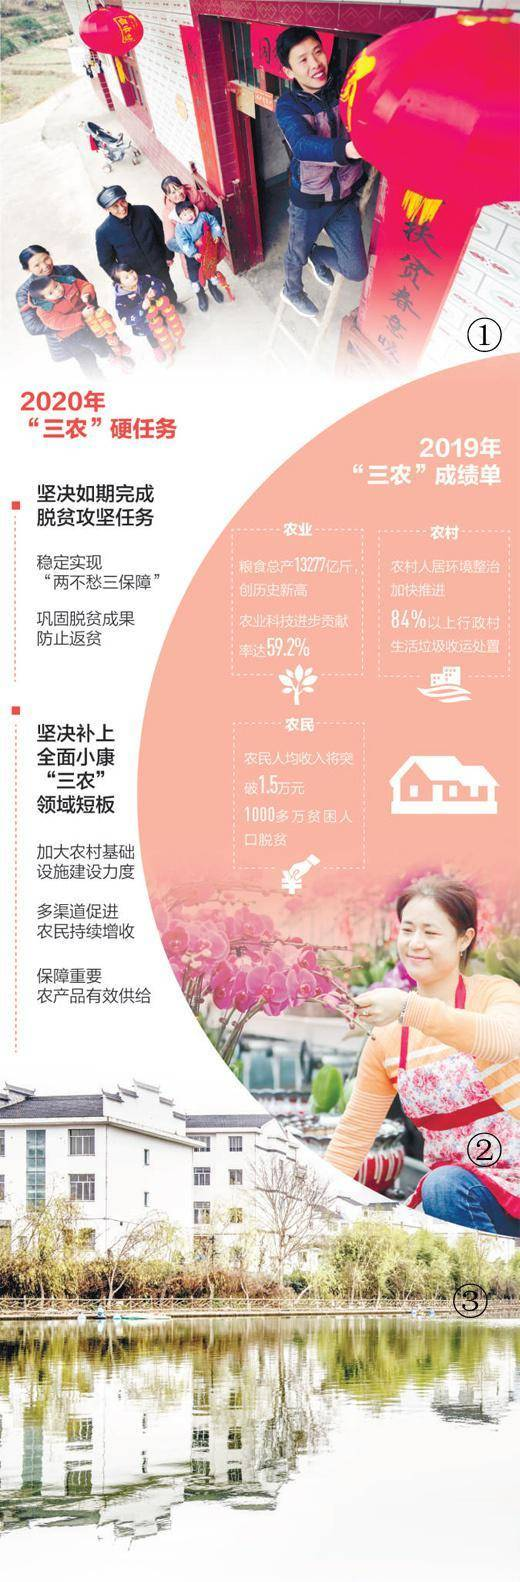 """人民日报:""""三农""""账本看小康 供给侧改革注入新活力"""